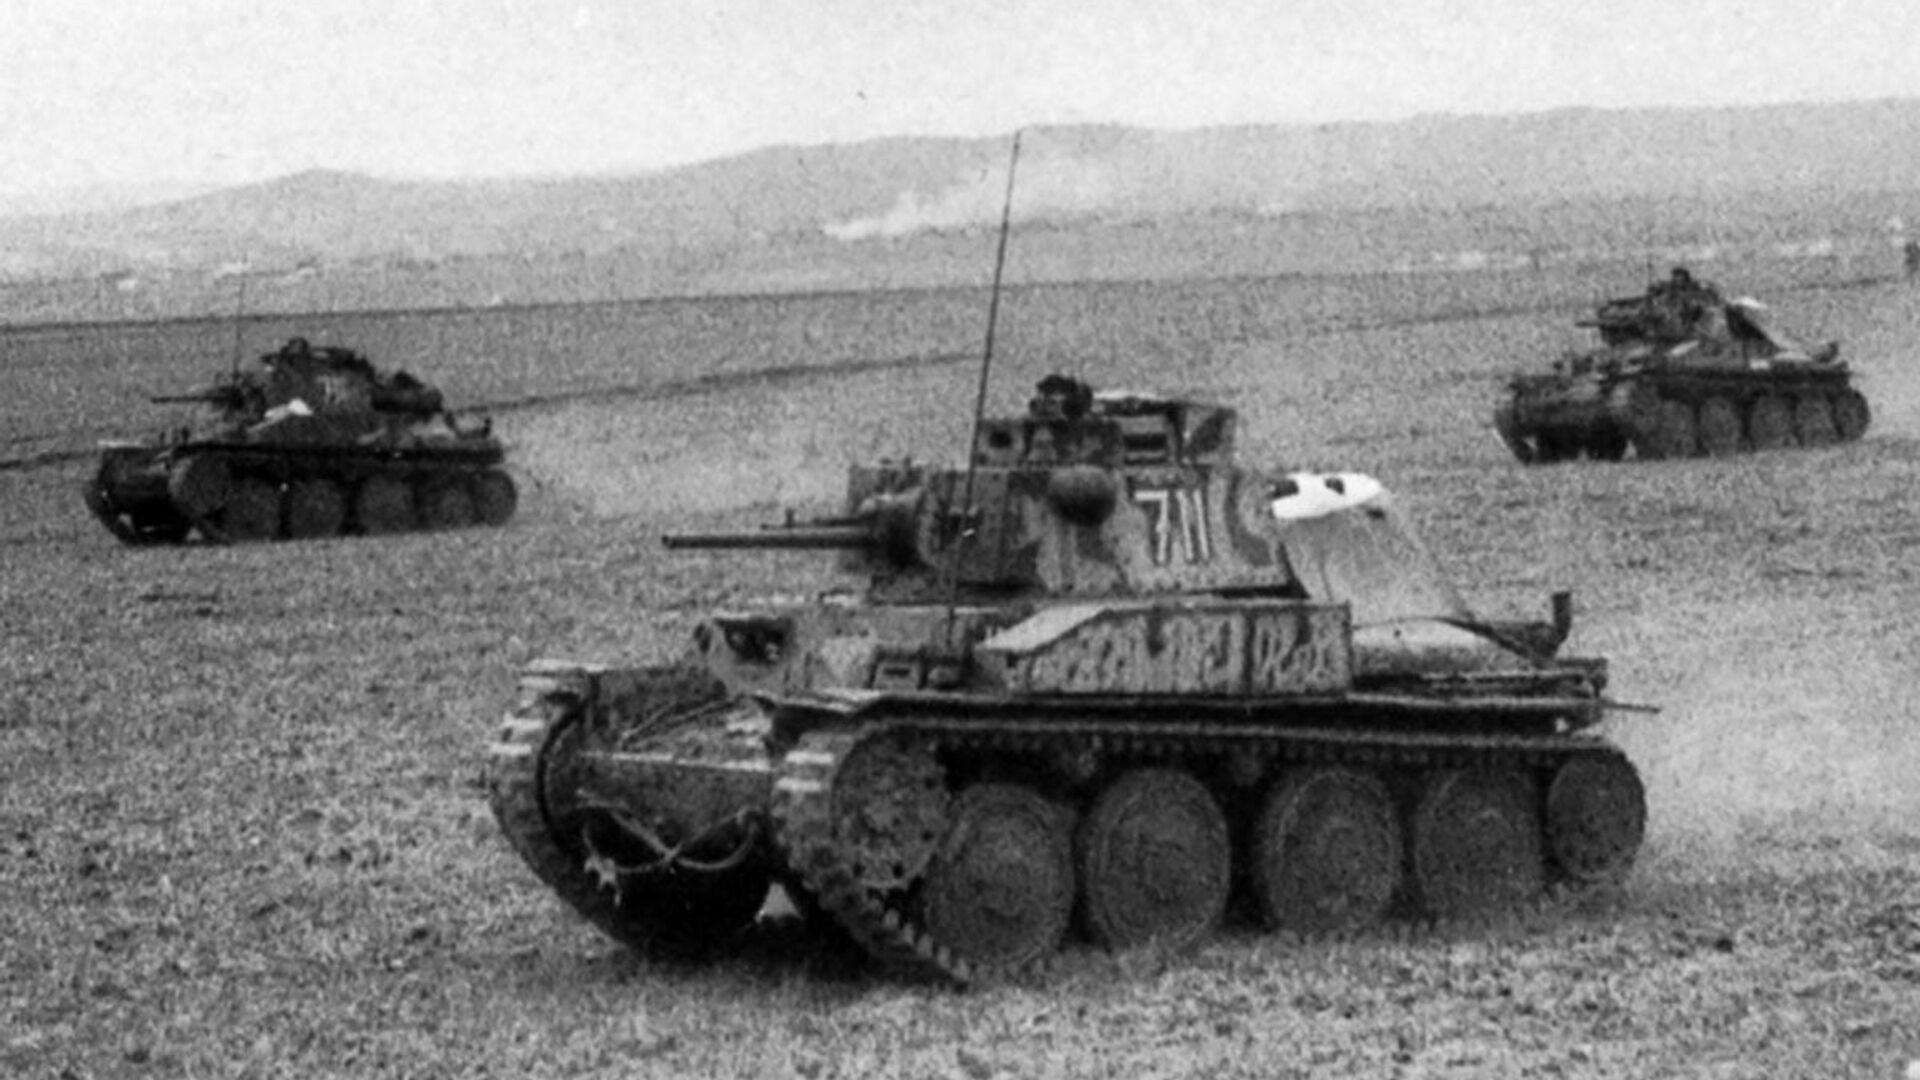 Tanky PzKpfw 38 (t) 22. tankové divize wehrmachtu na Krymu - Sputnik Česká republika, 1920, 21.06.2021